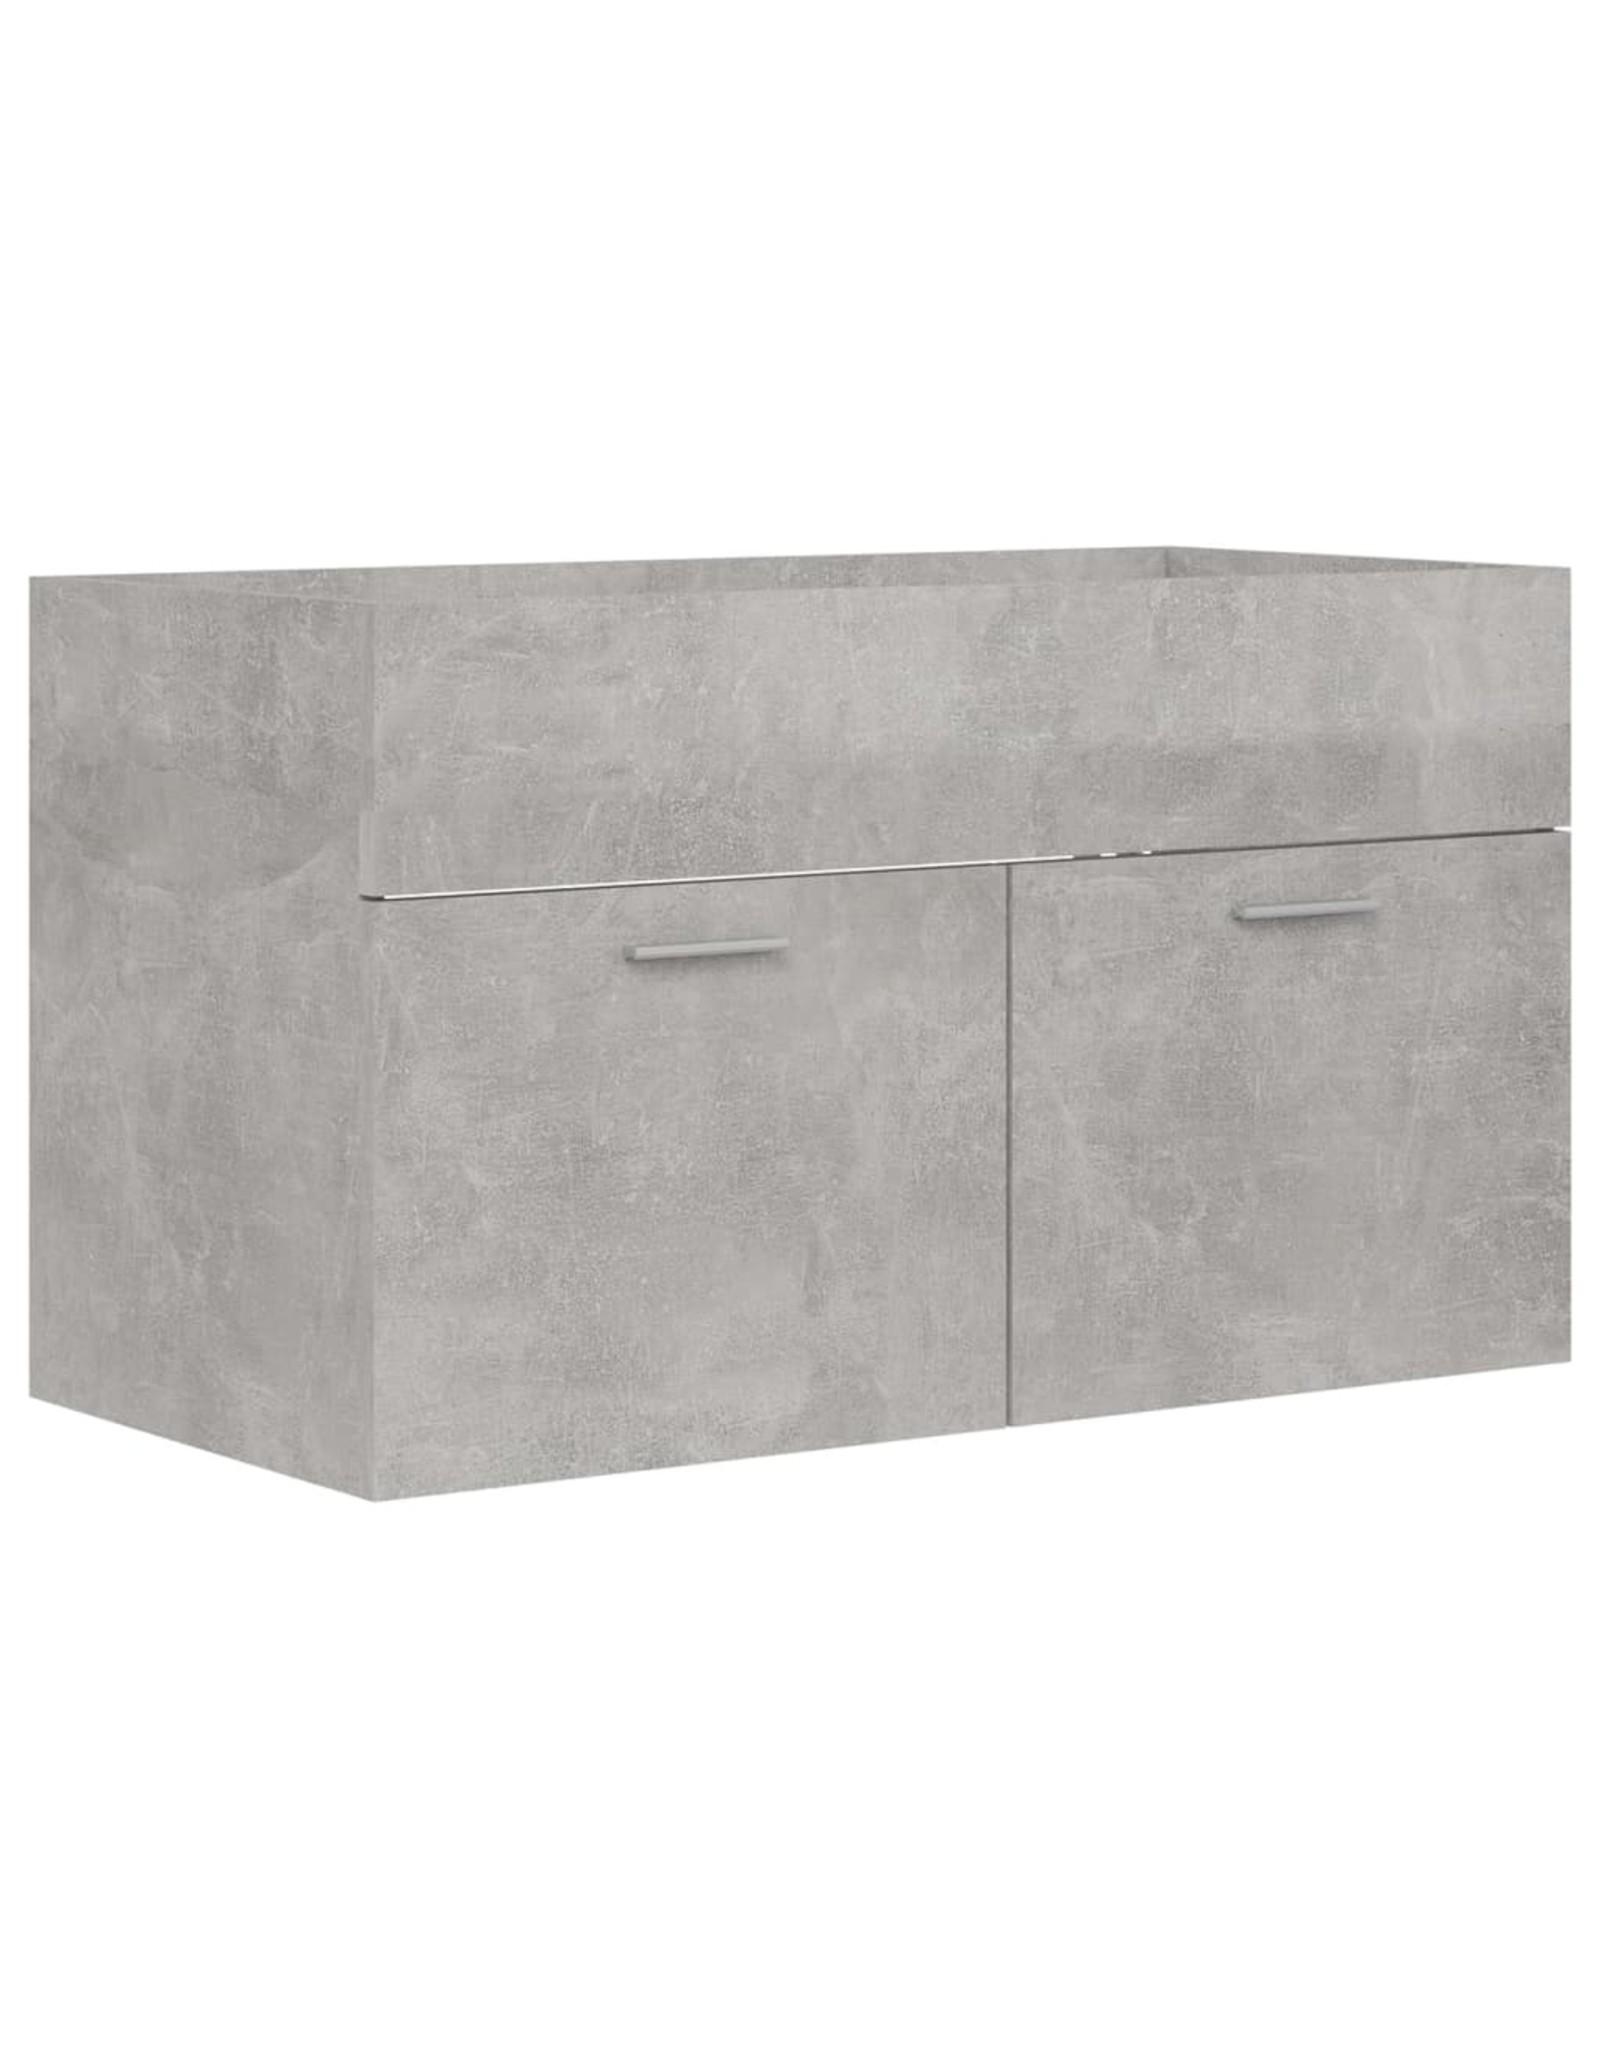 Badkamermeubelset spaanplaat betongrijs